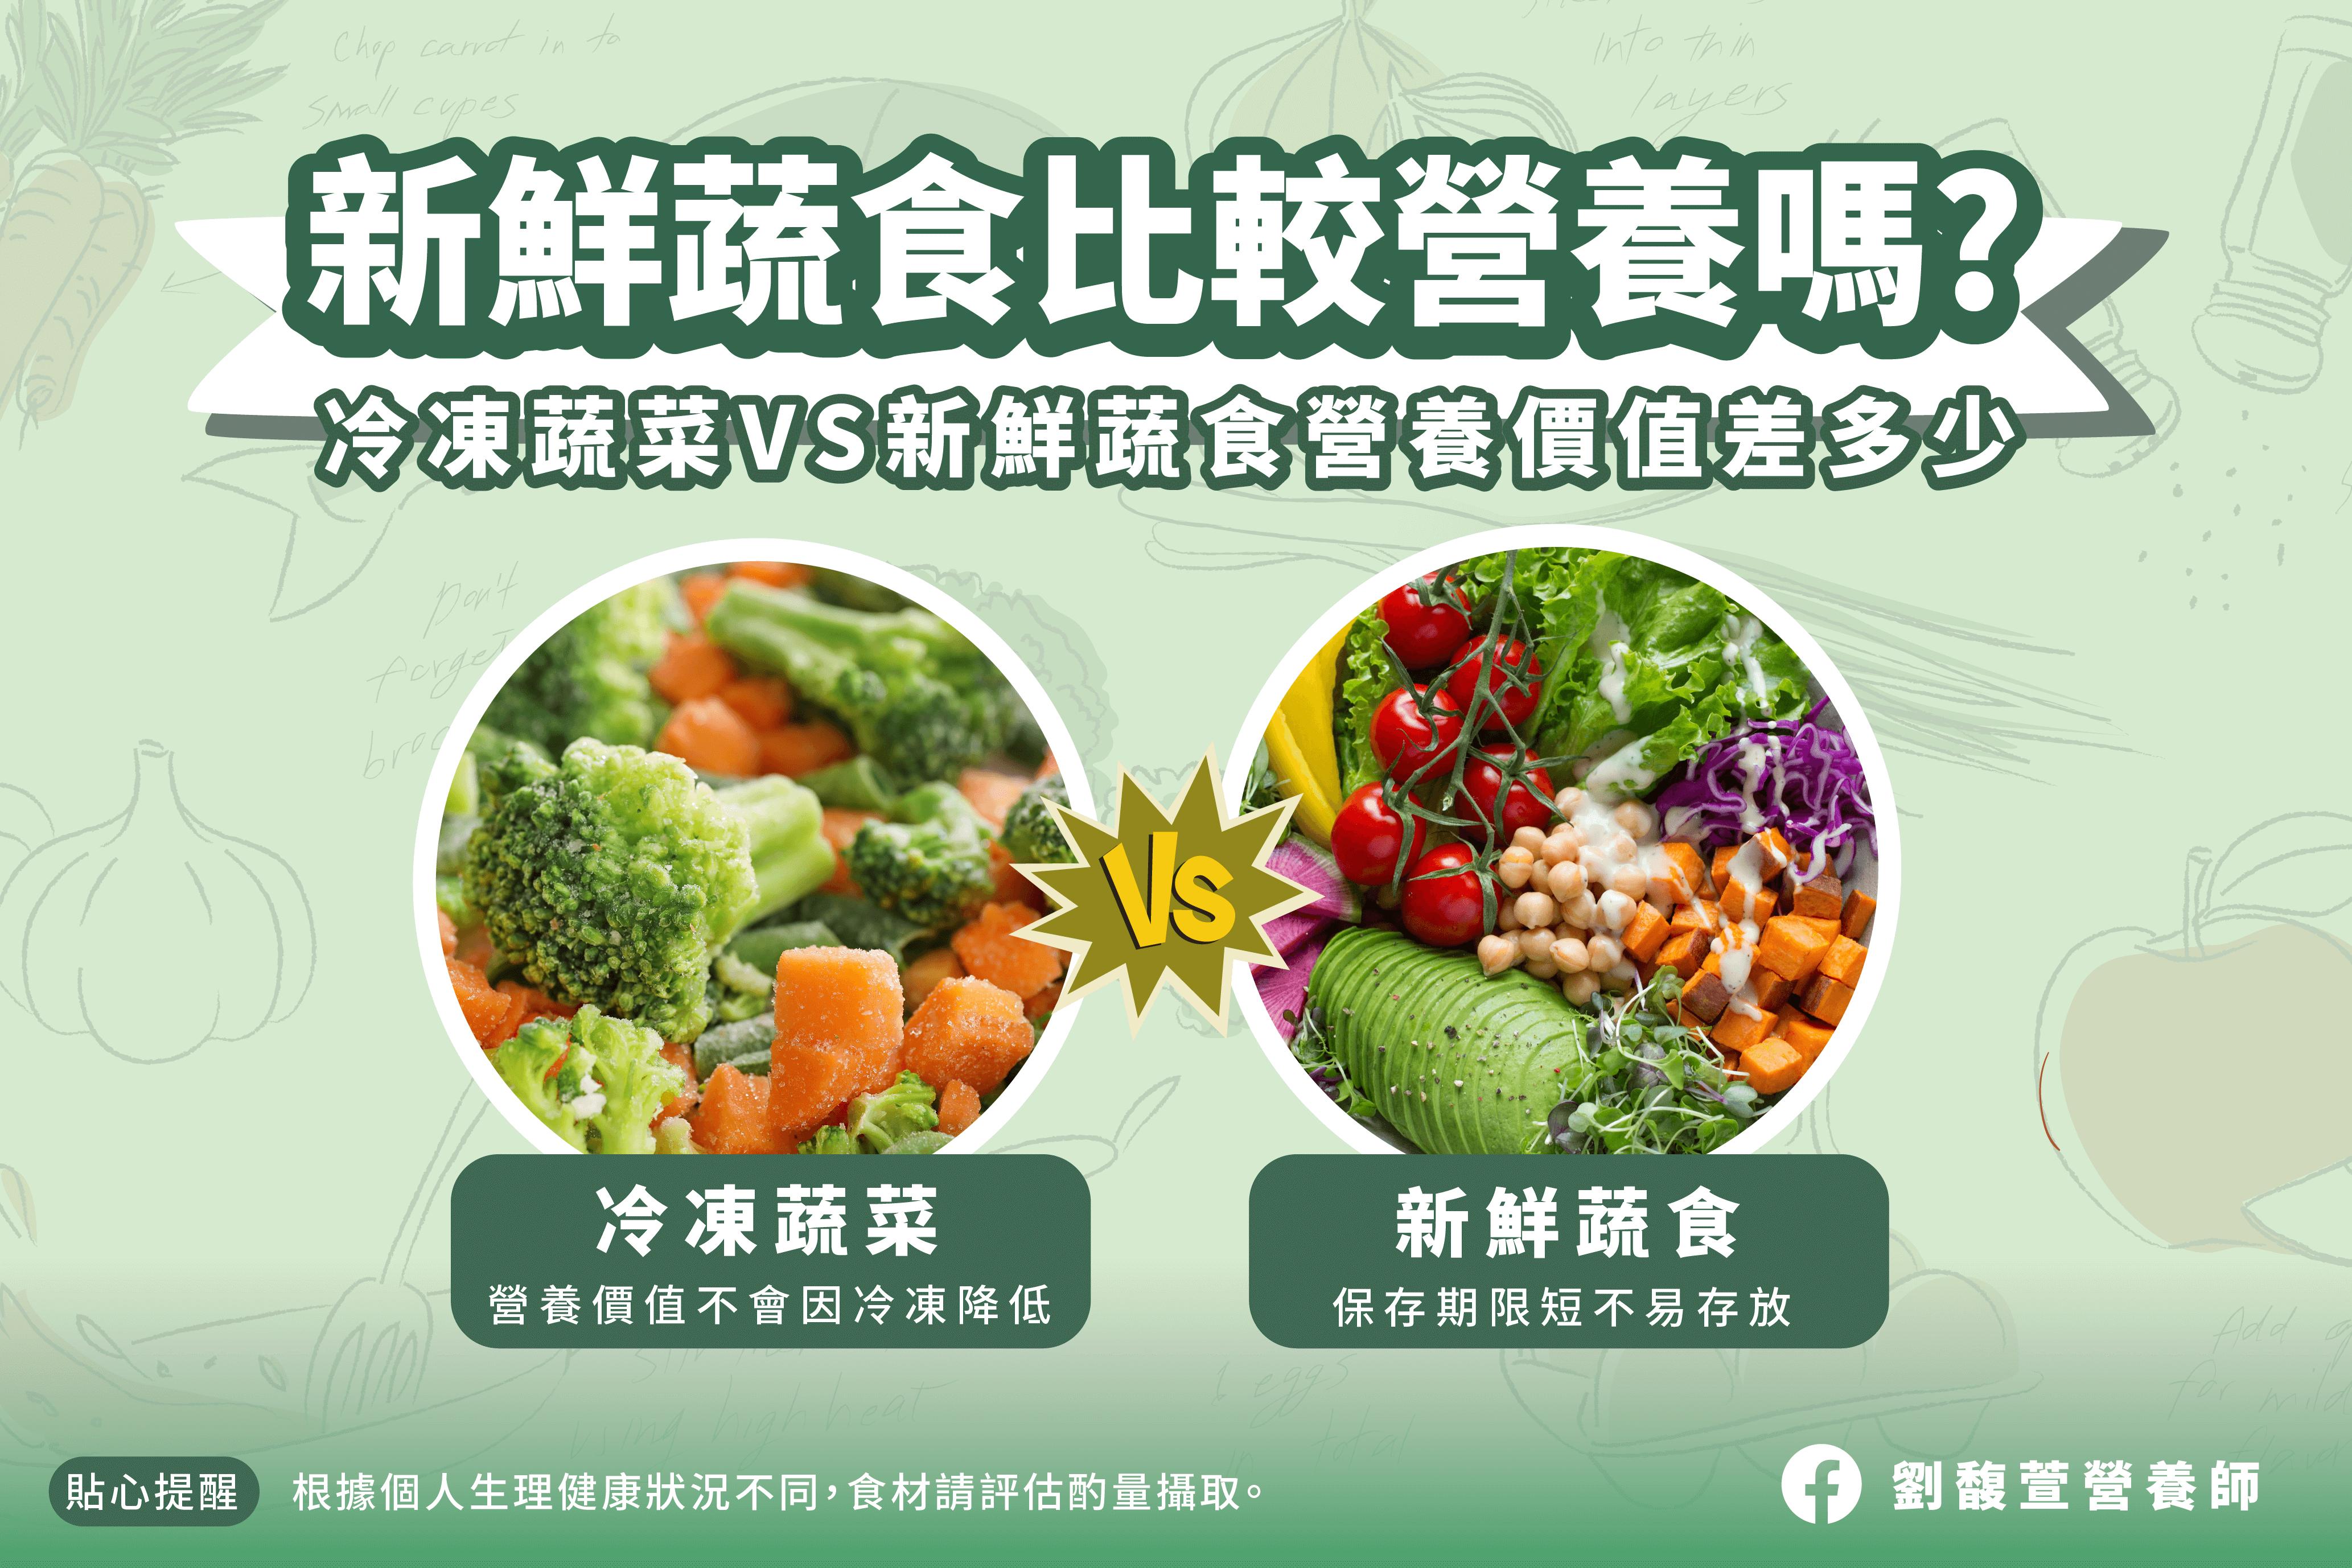 冷凍蔬菜vs新鮮蔬食的營養迷思